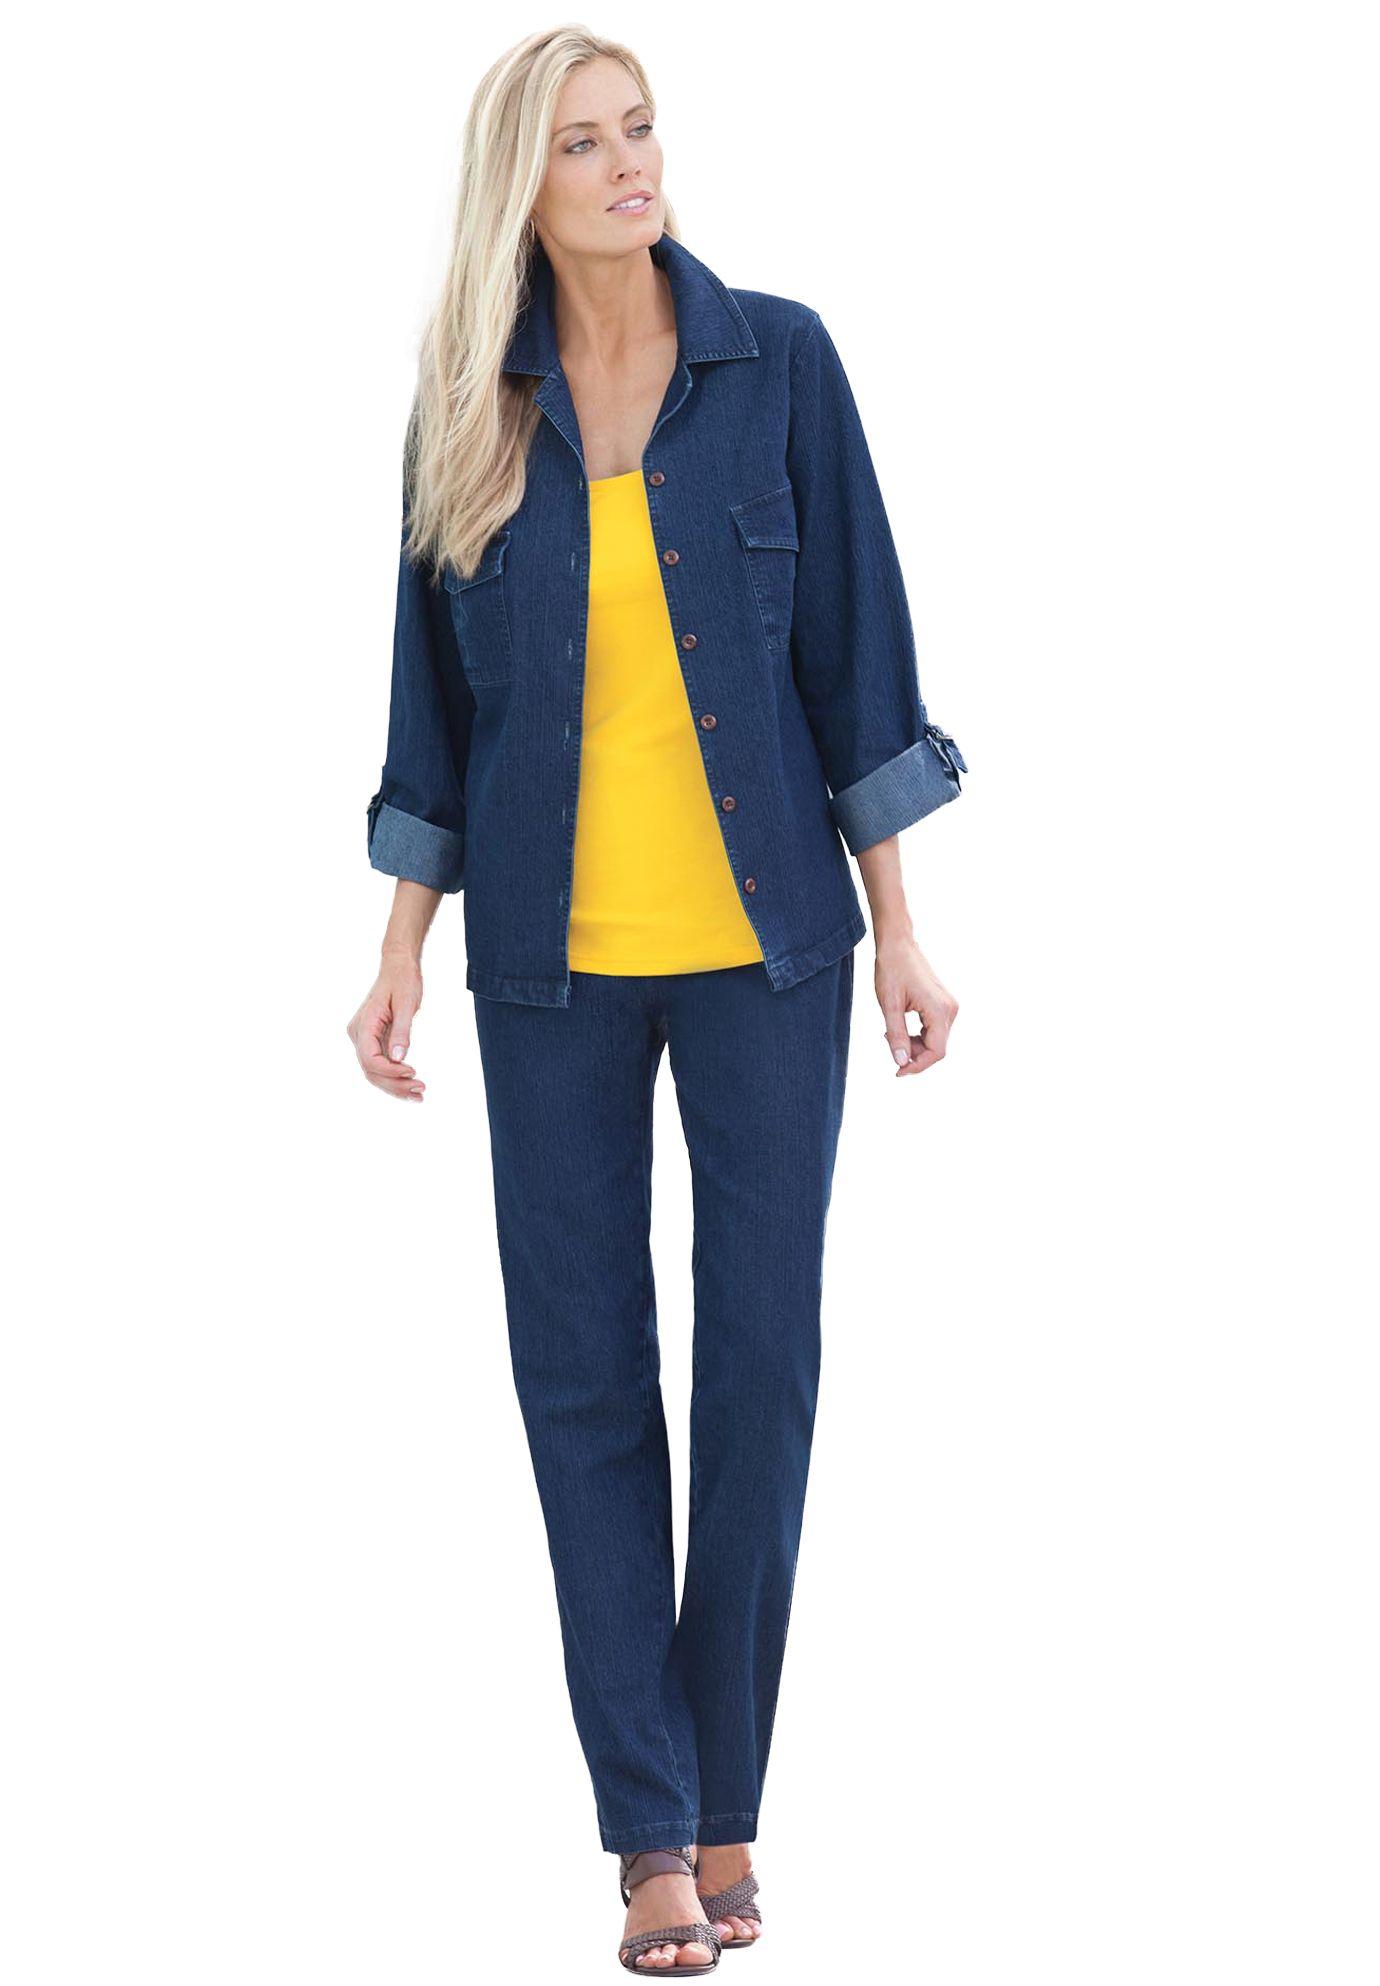 Women's Plus Size Suits & Separates | Jessica London